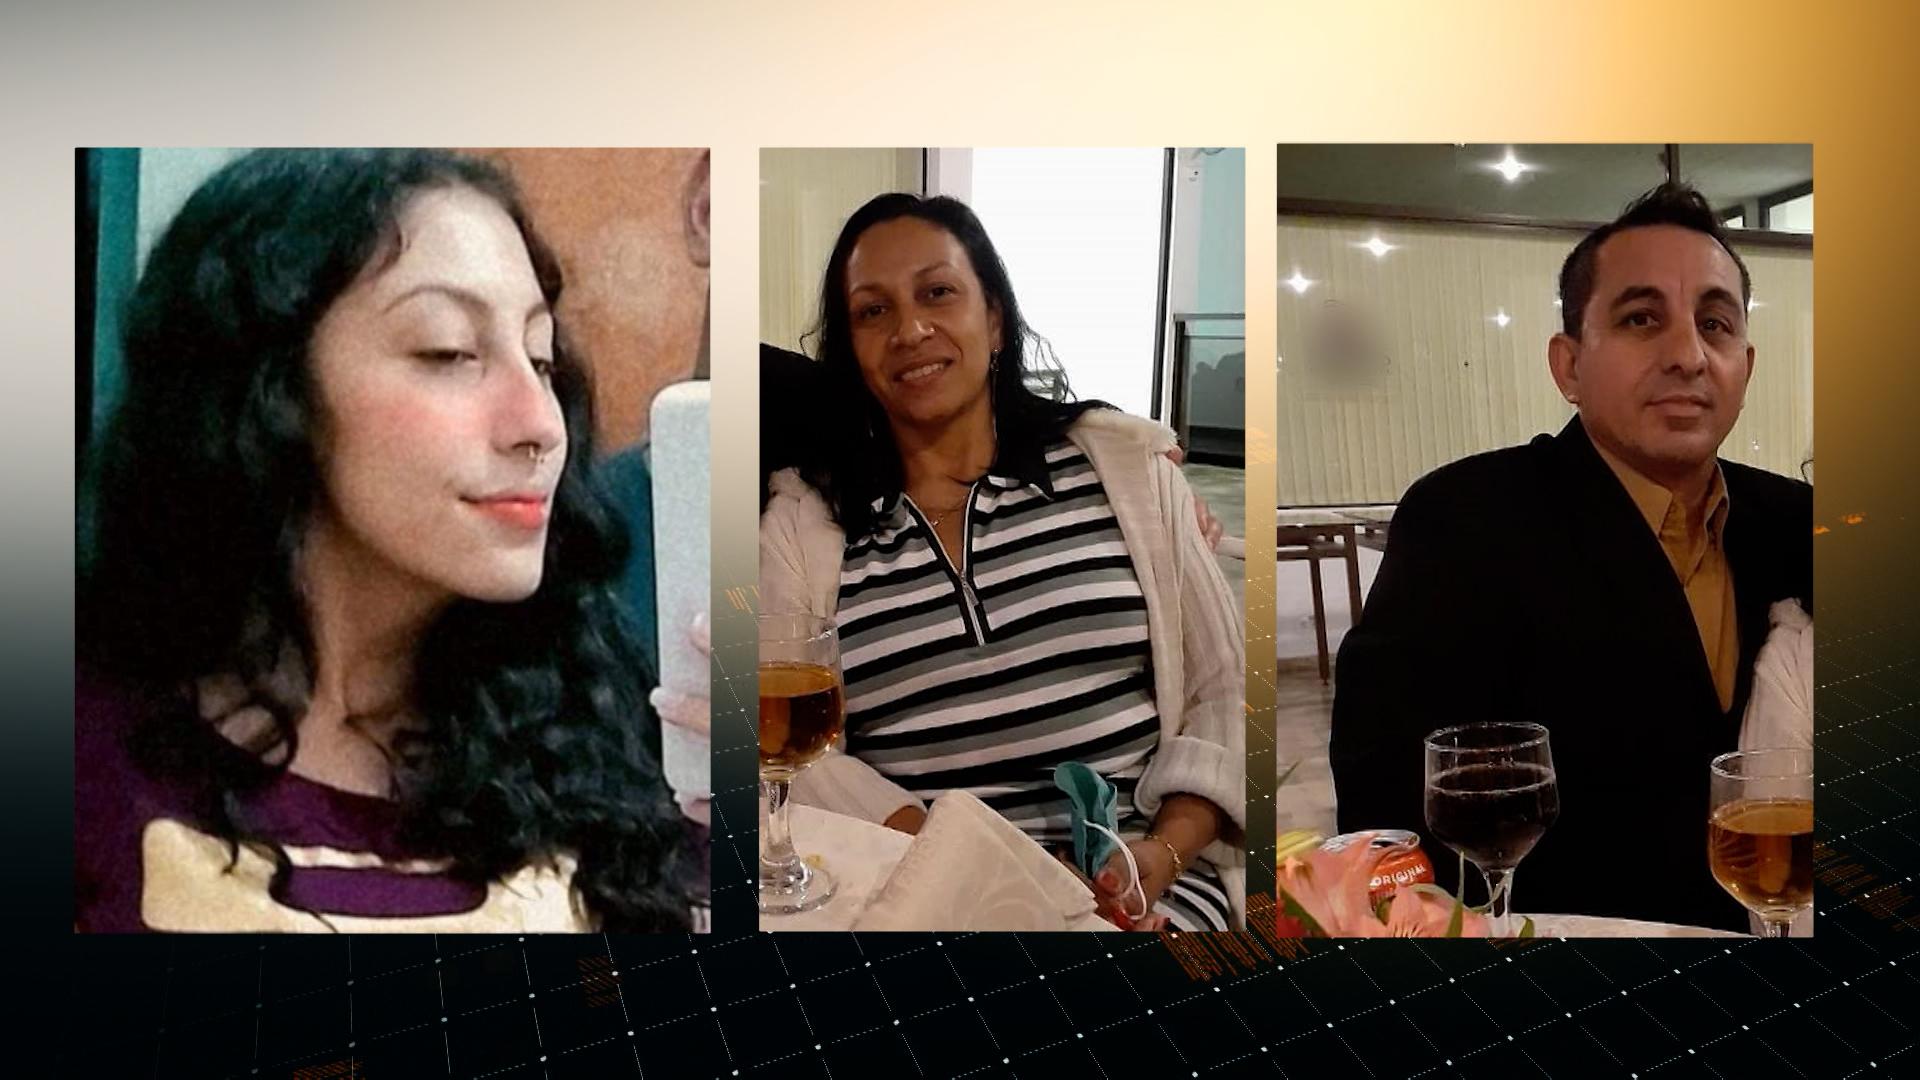 Tragédia: Homem mata esposa e filha em Pouso Alegre